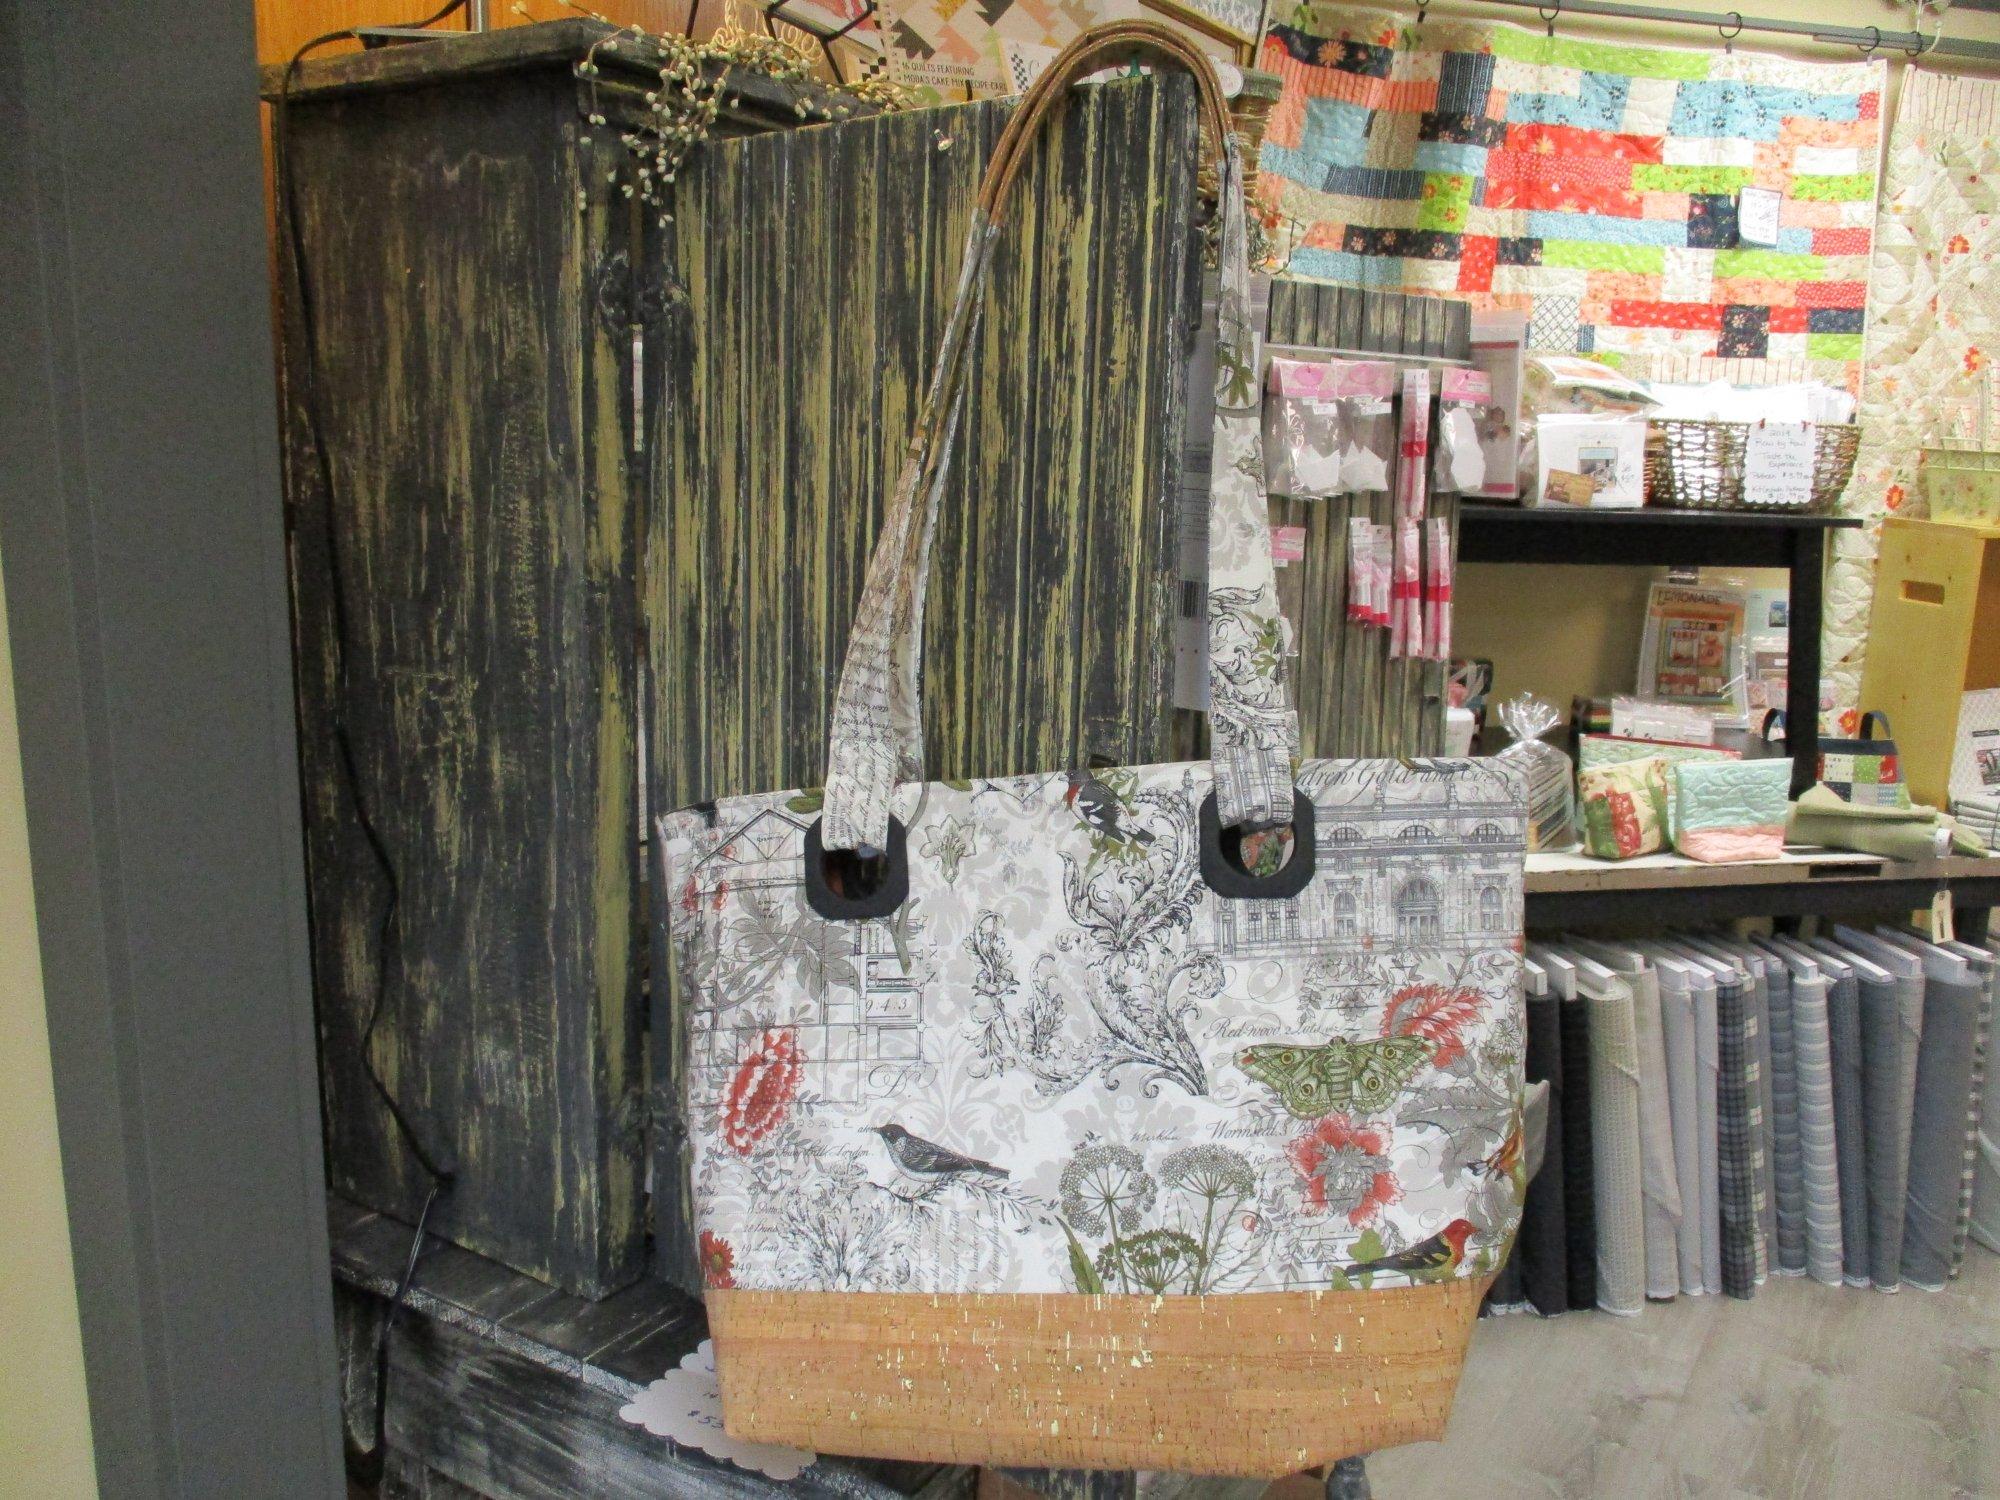 The Big Bag kit